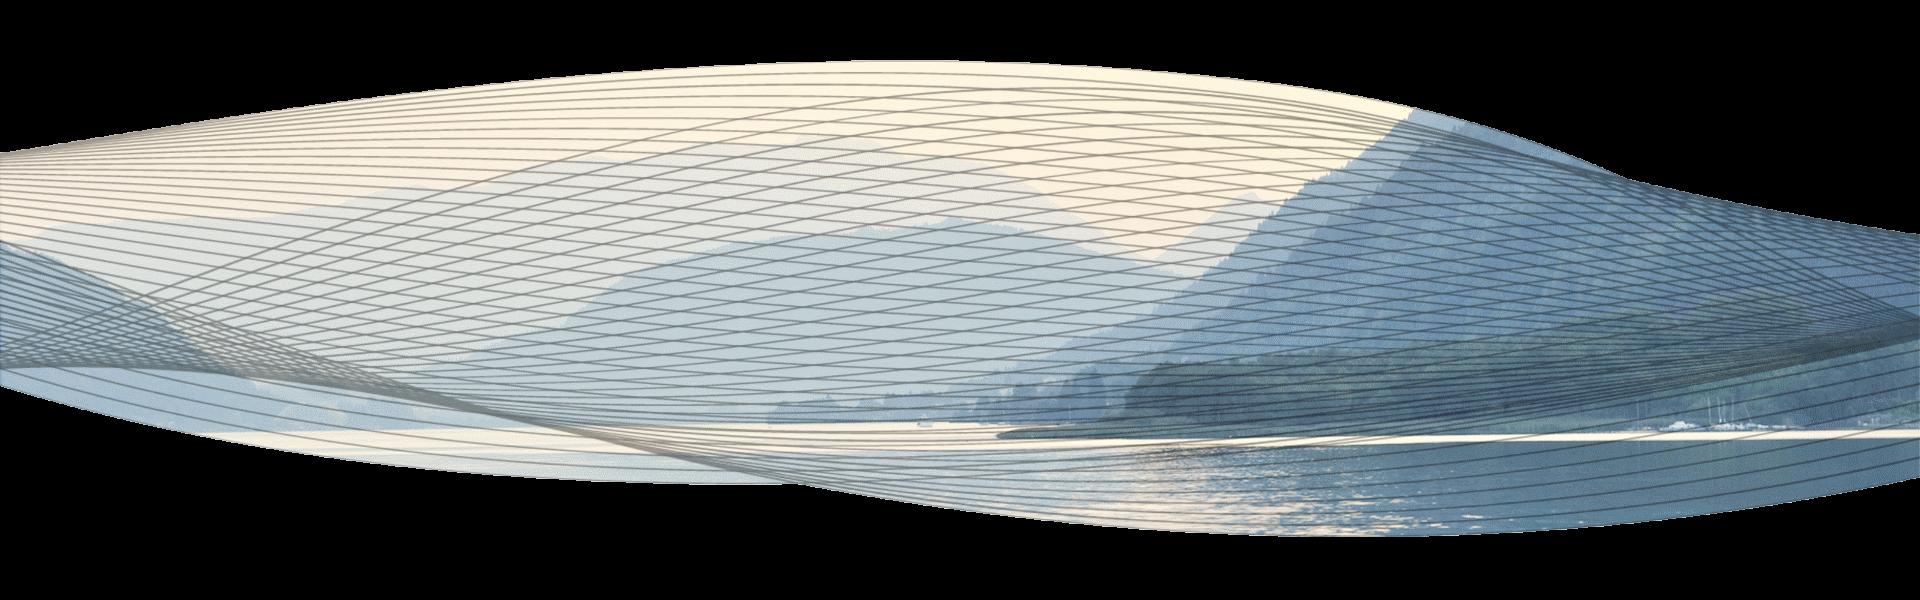 SoundSpaceSystems - 2. Welle mit Wellenlinien vor weitem See